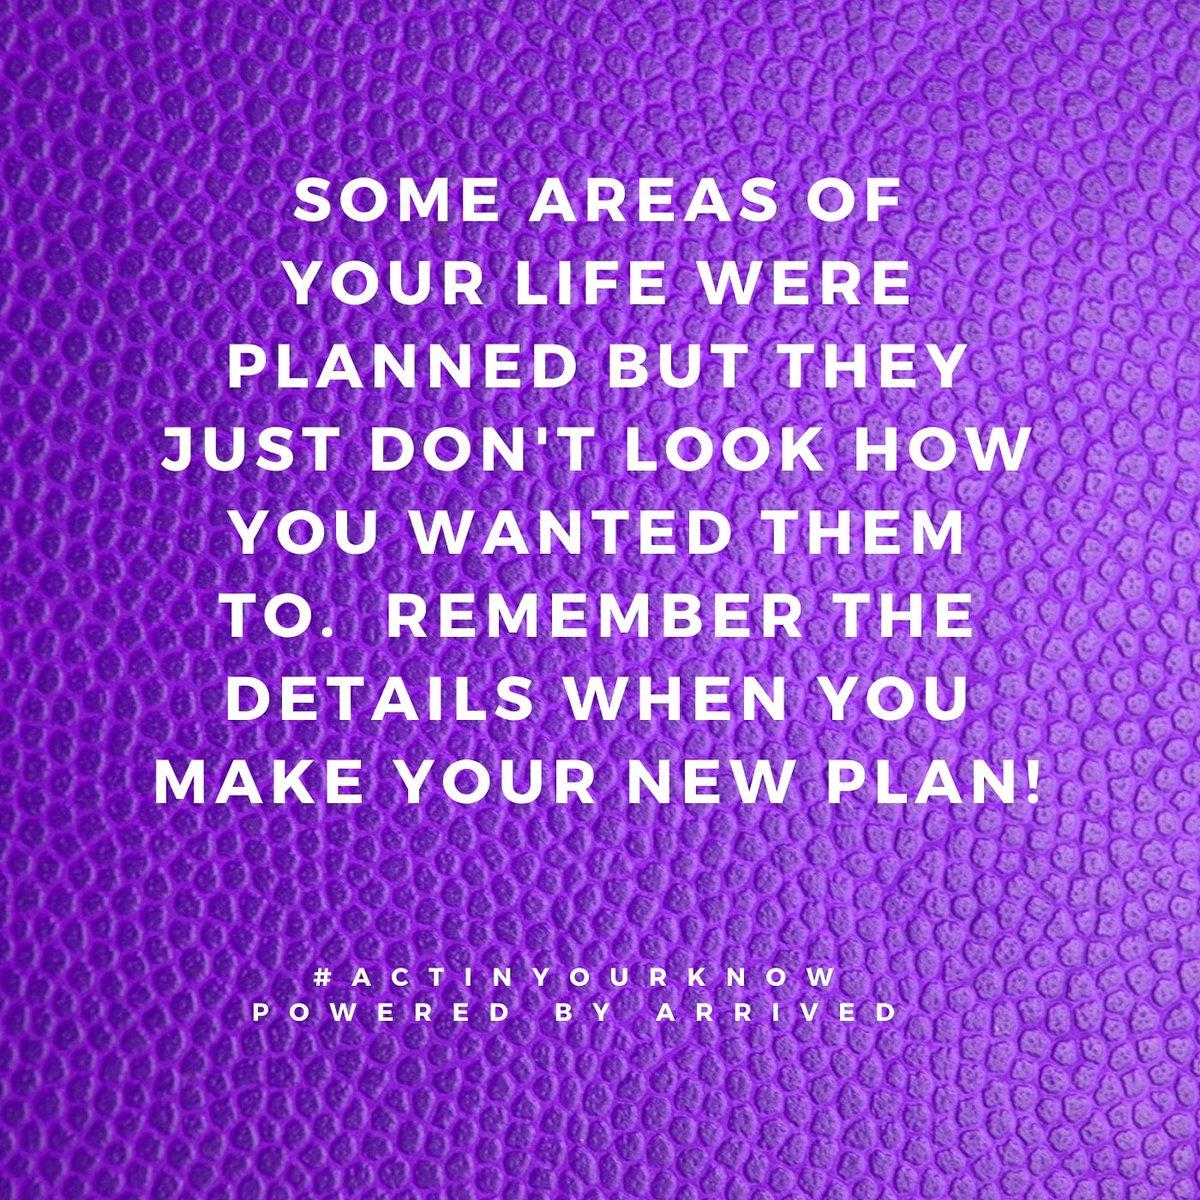 #ActInYourKnow POWERED BY ARRIVED #knowledgeofself #knowledge #selflove #knowyourhistory #knowyourtone #knowyourworth #wisdom   http://www.ARRIVED.life Life Coachpic.twitter.com/kRLvgi1Wmy